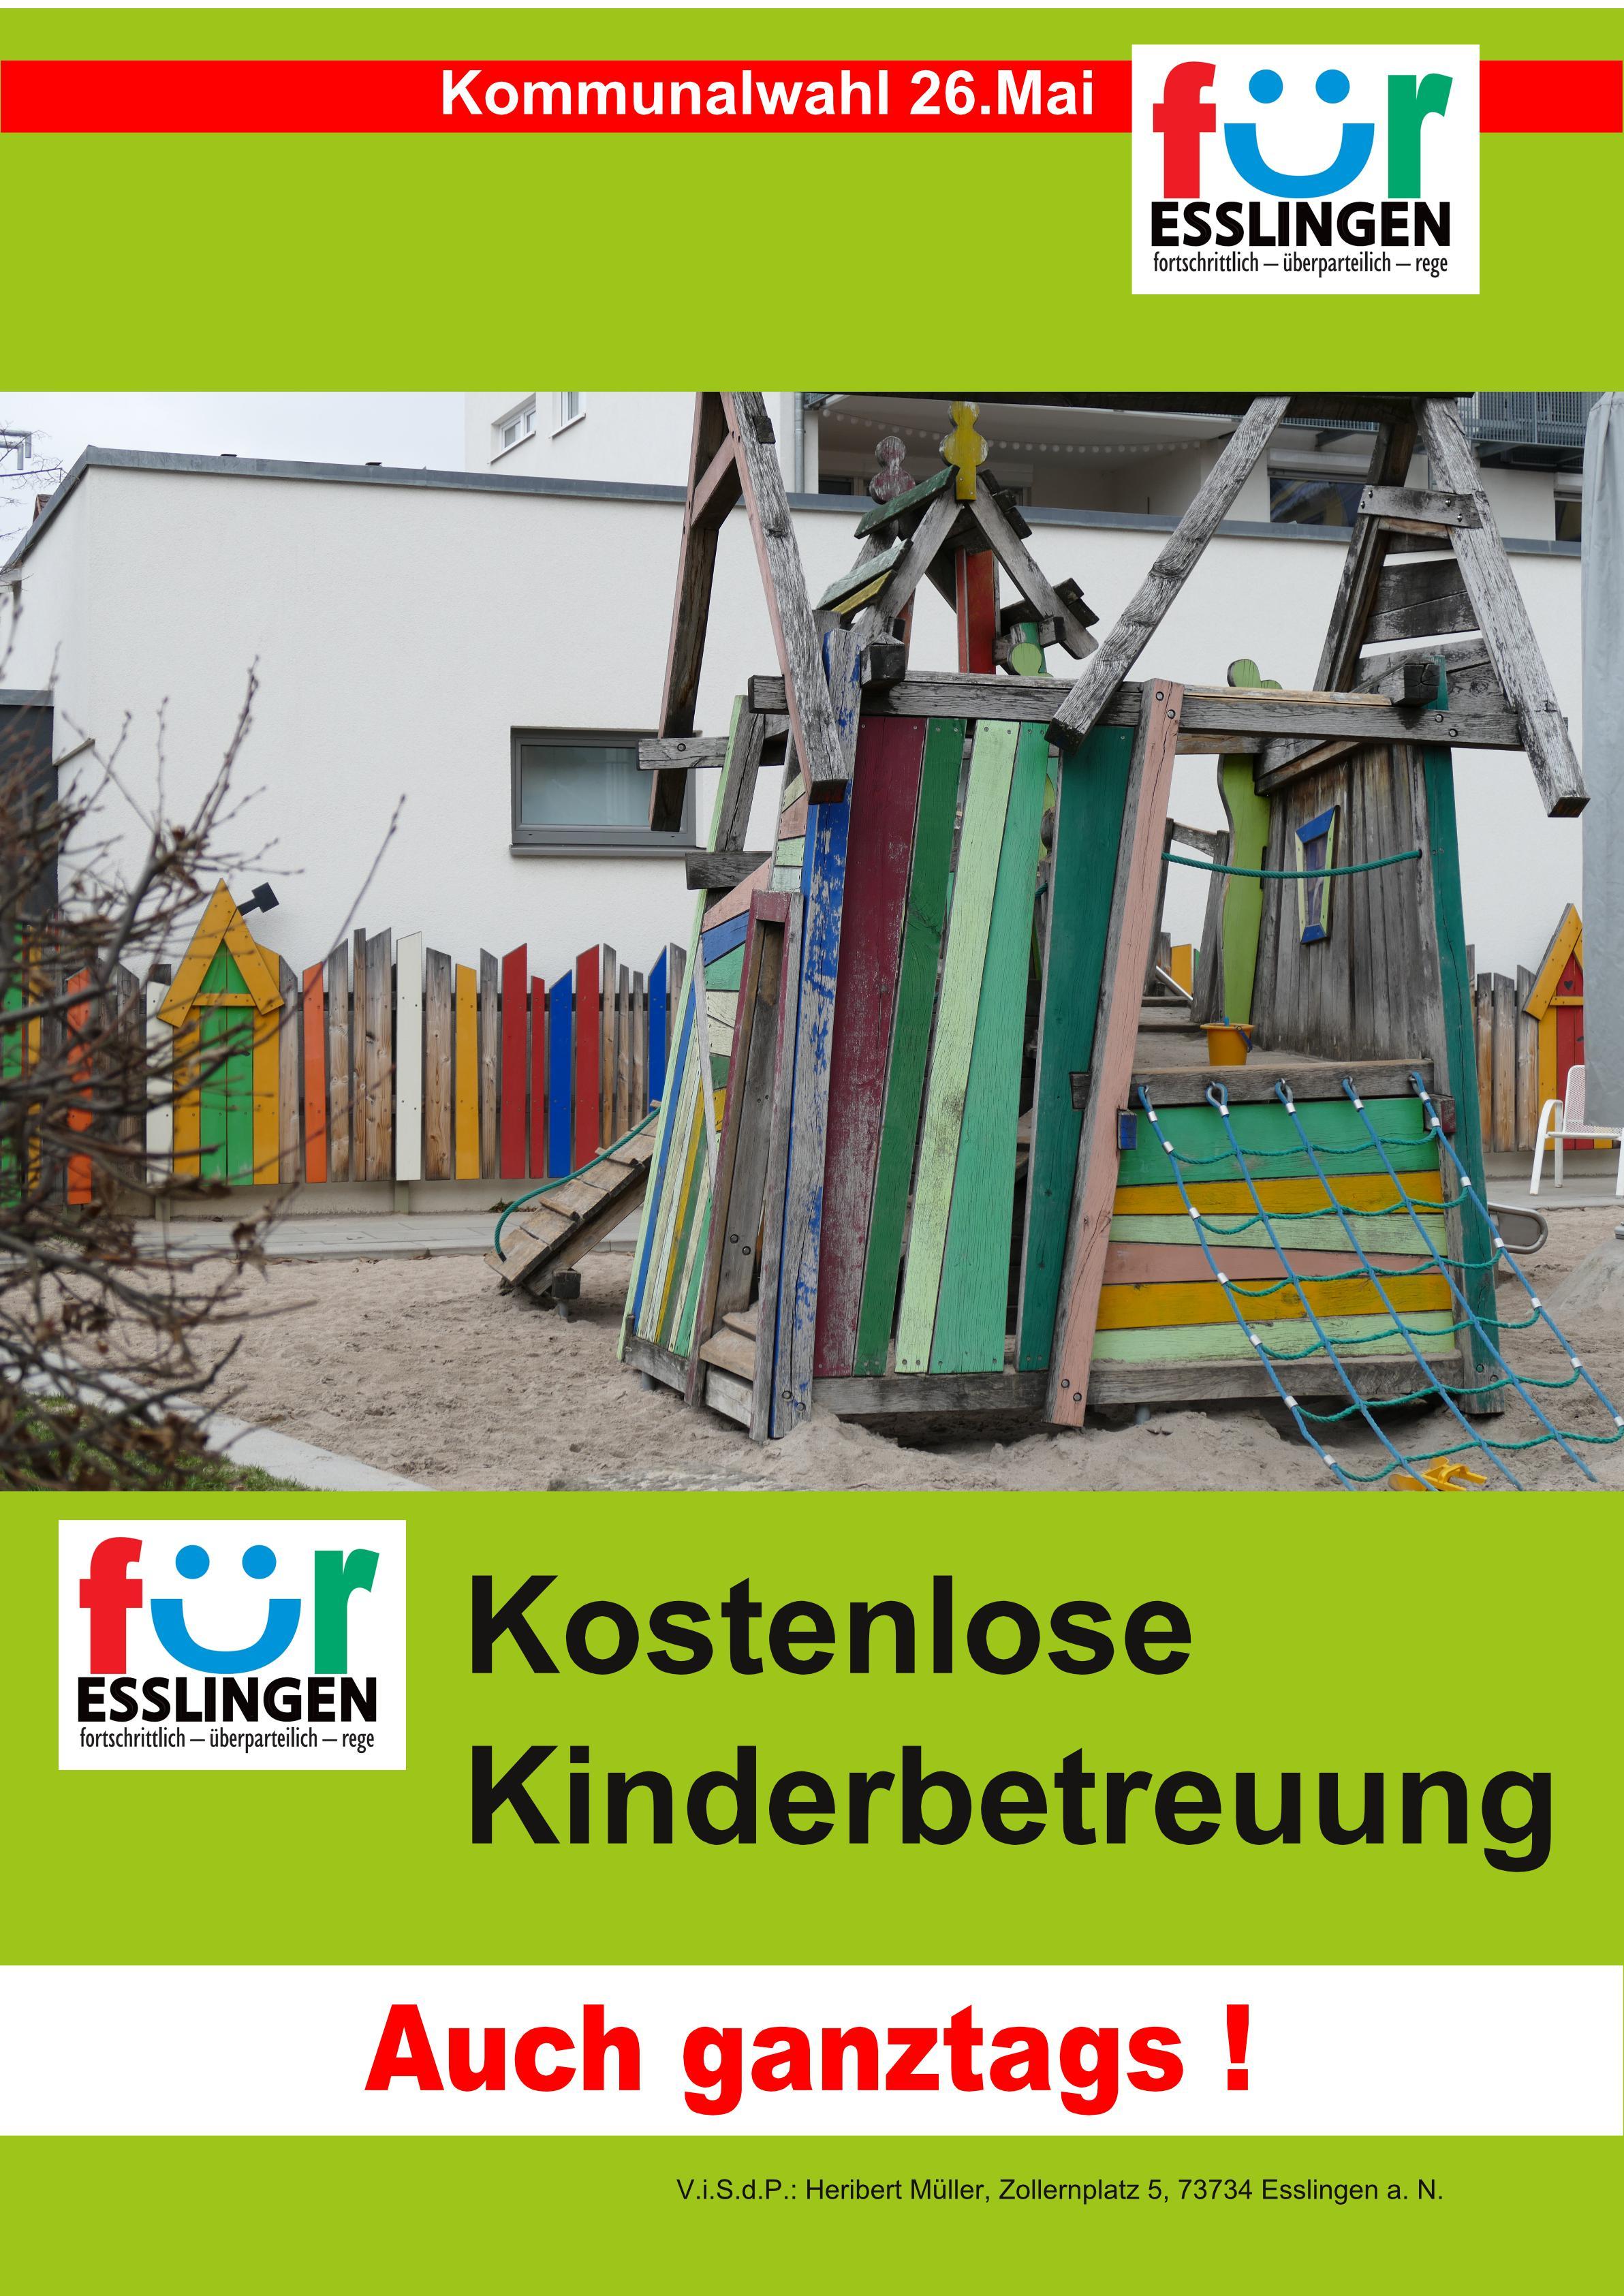 2019_03_01_GemRtWahl _Kinderbetreuung_grün-Seite001 (1)